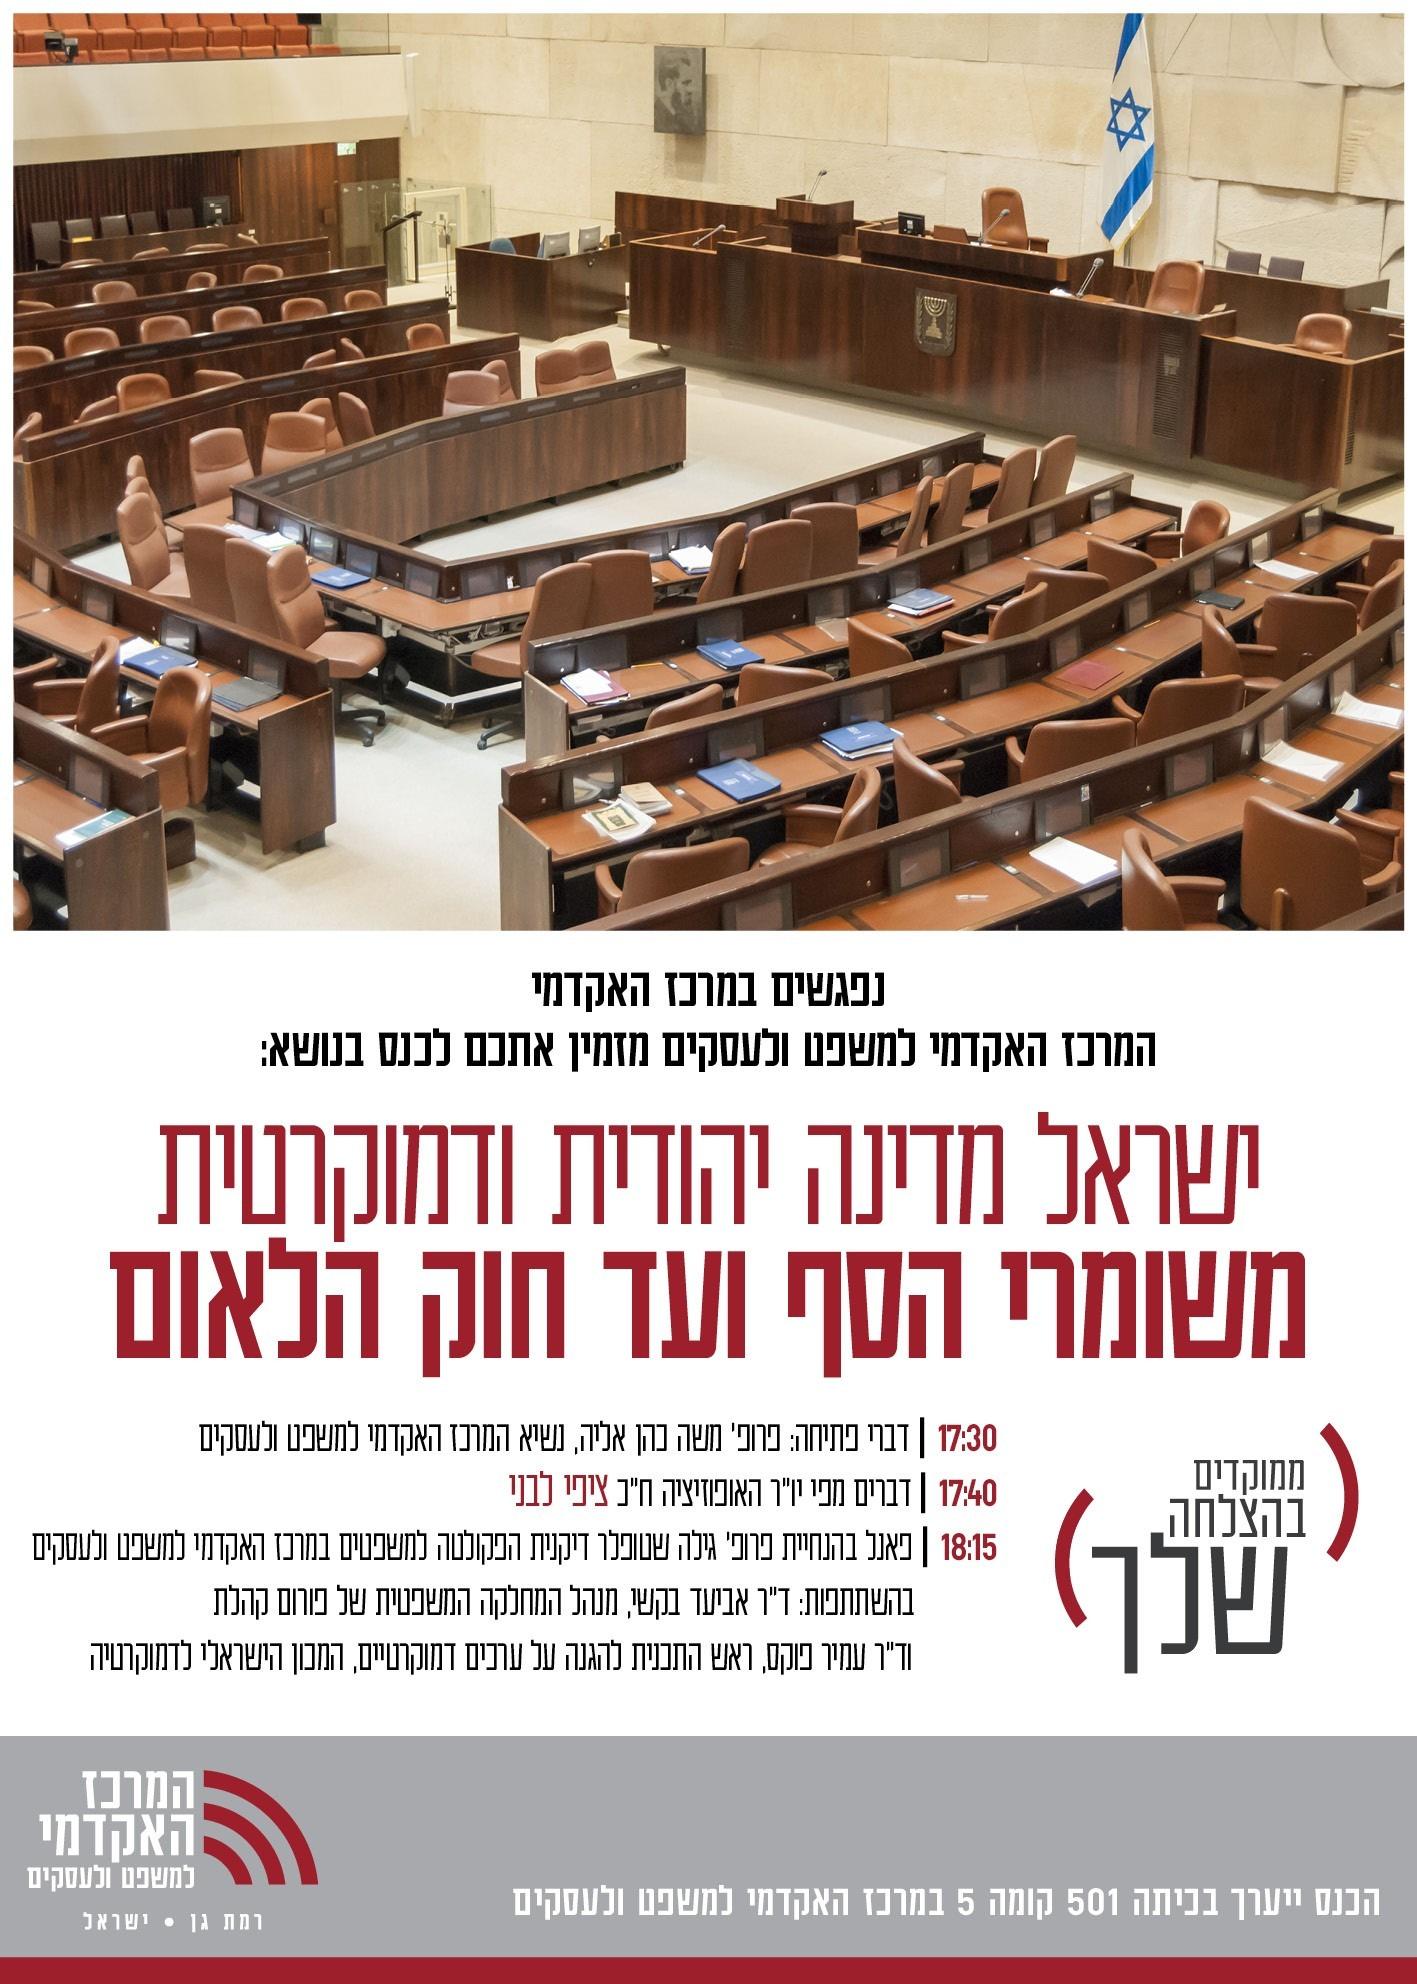 כנס בנושא ישראל מדינה יהודית ודמוקרטית- משומרי הסף ועד חוק הלאום ייערך ב 19.12 בשעה 17:30 במרכז האקדמי למשפט ולעסקים. אודיטוריום 501